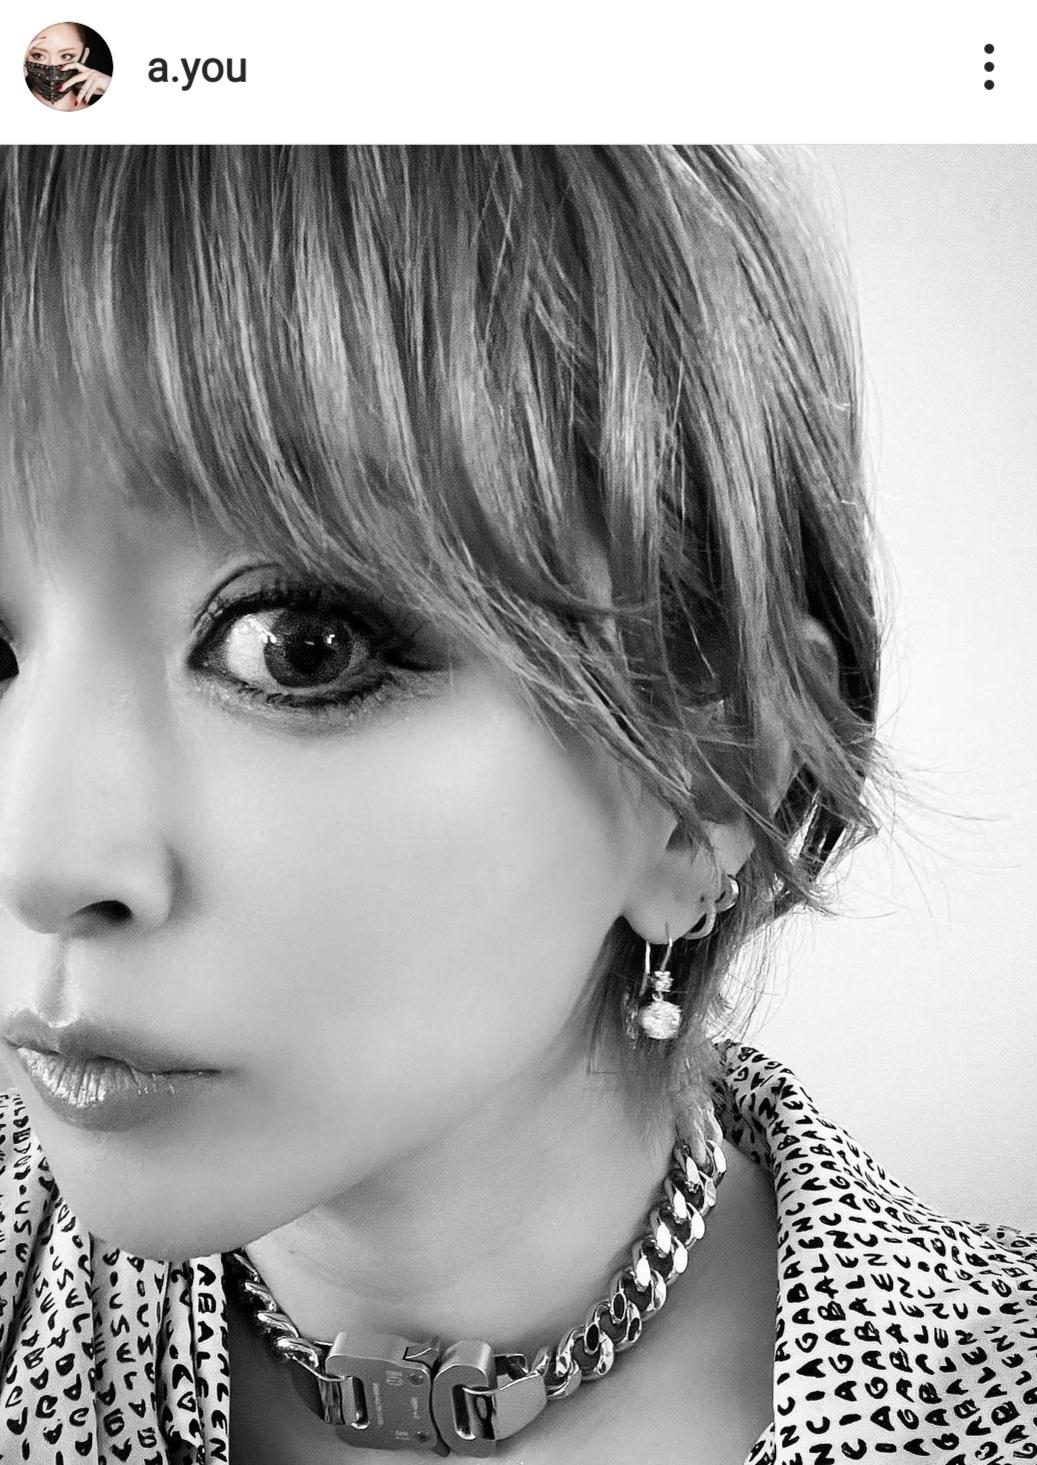 """浜崎あゆみ、自身のショートヘアの""""ポイント""""とは?「髪型とっても好評でうれぴ」"""